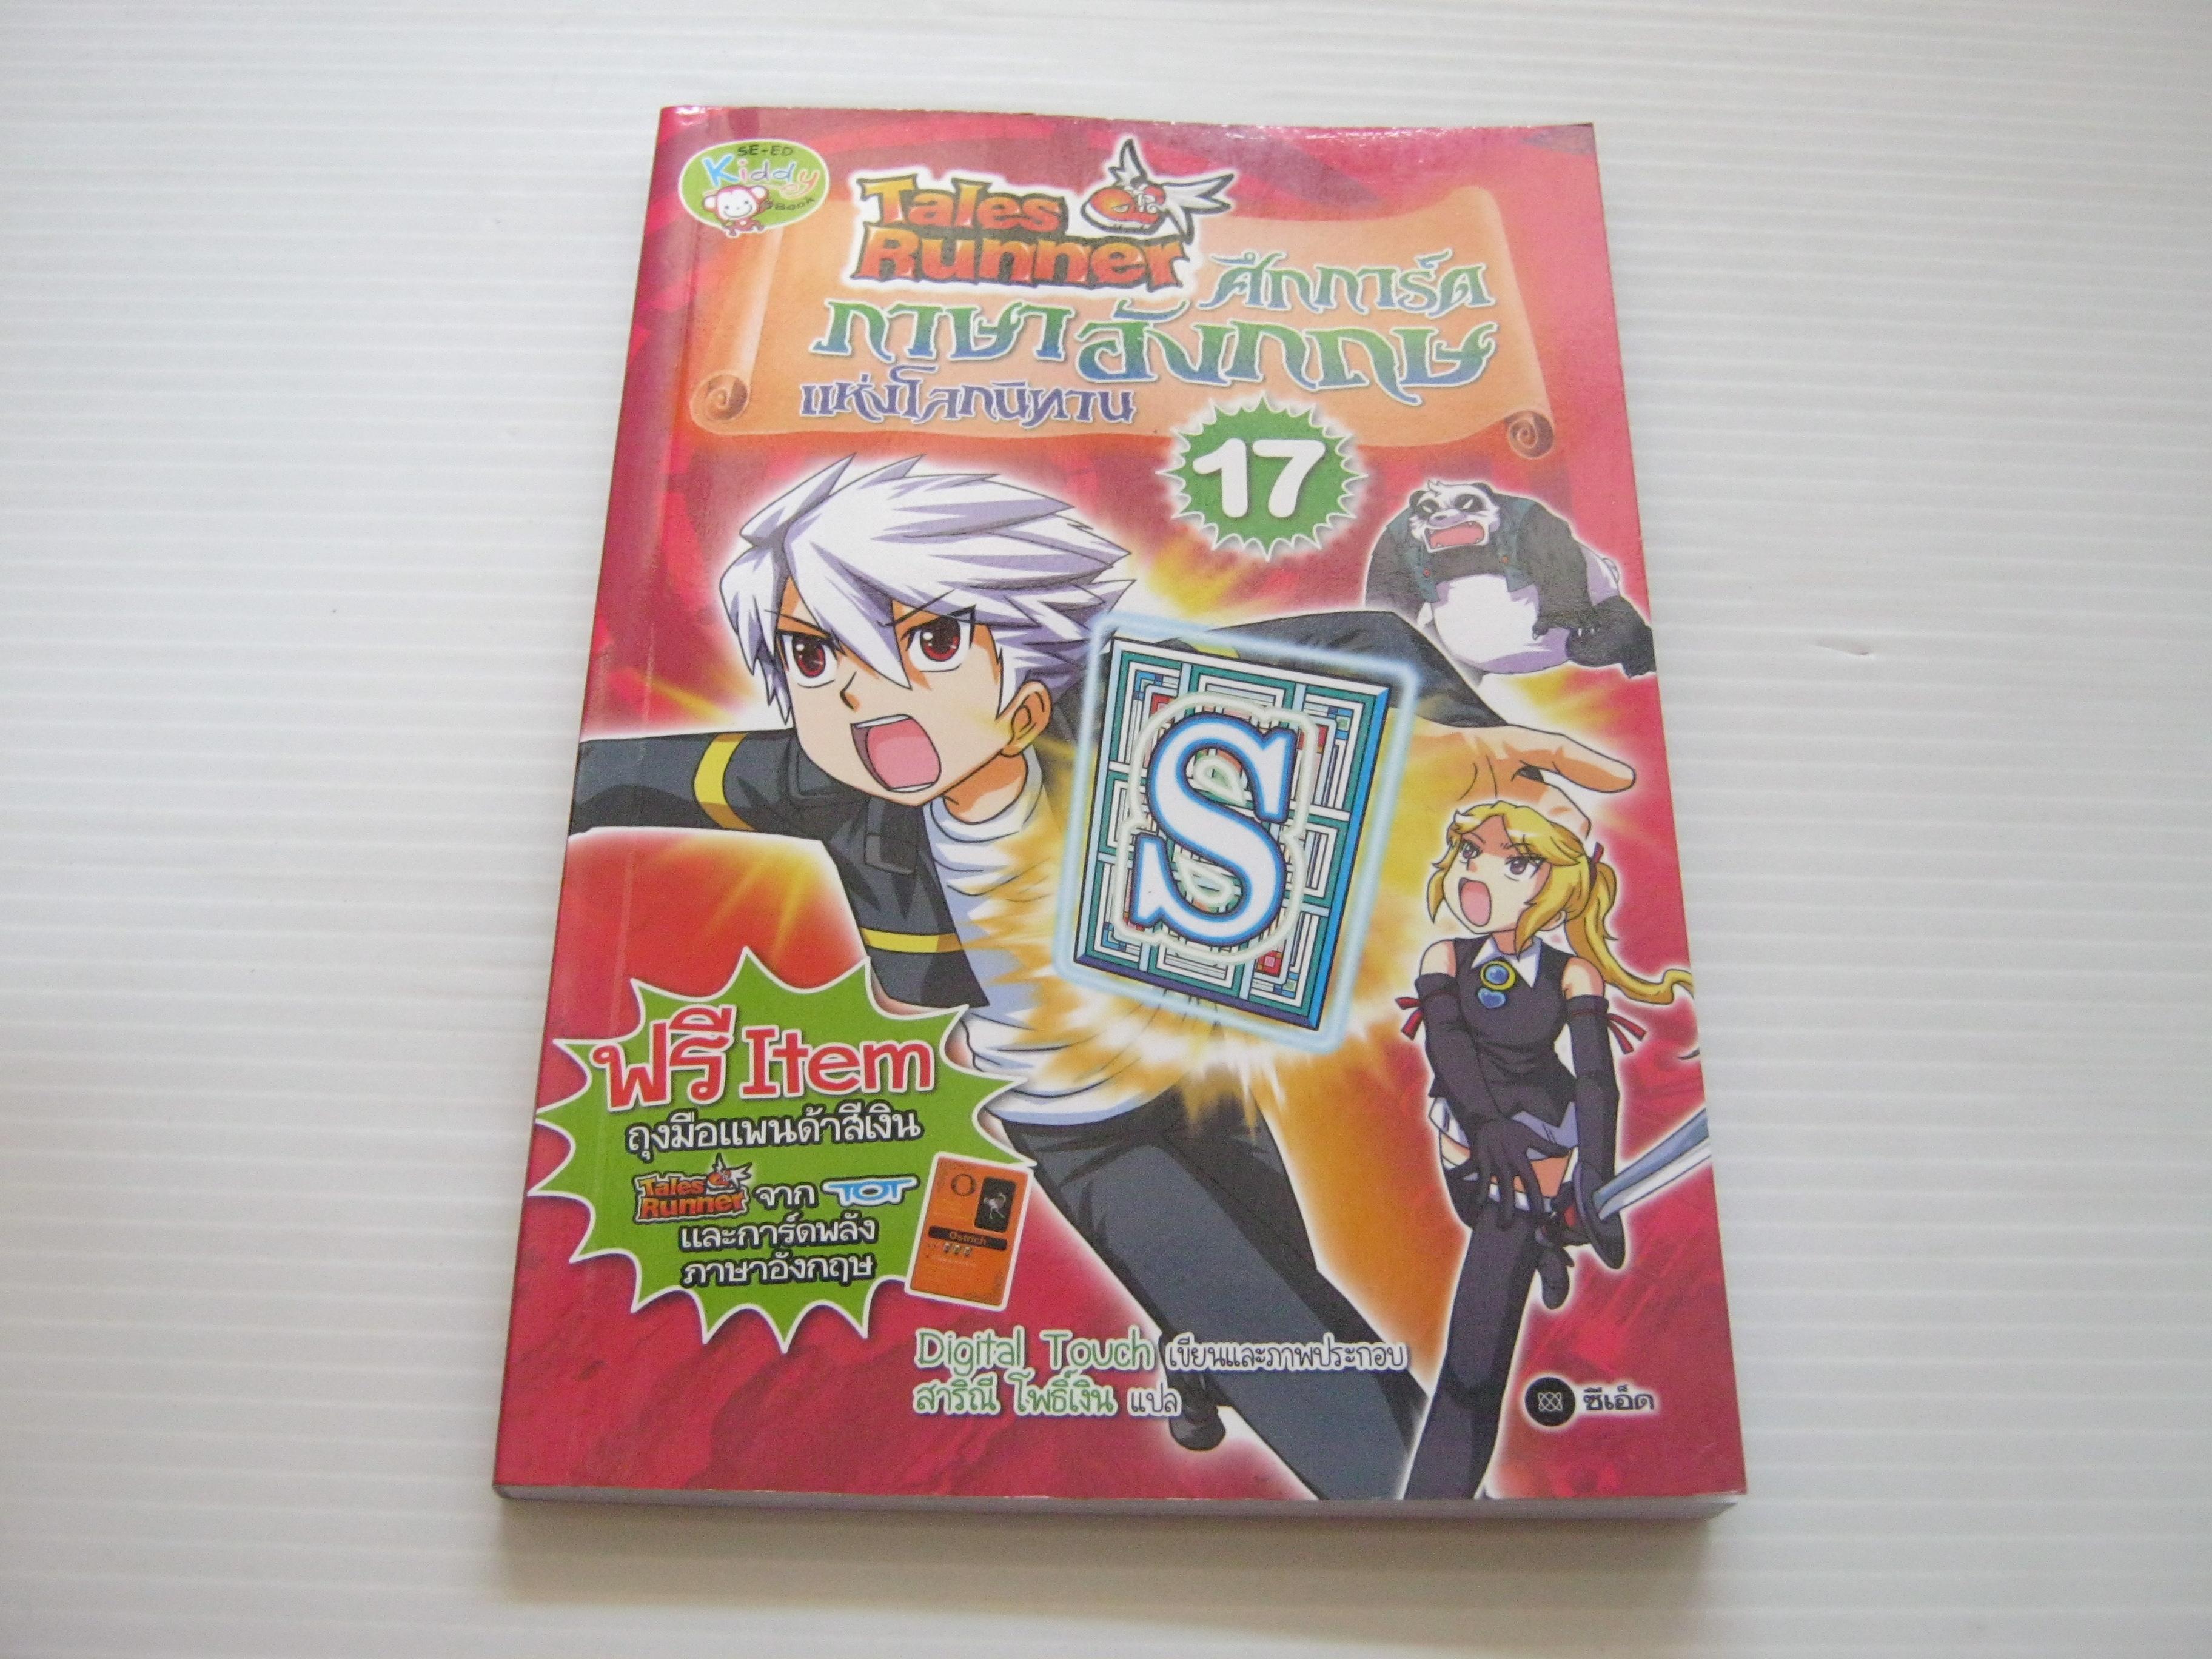 Tales Runner ศึกการ์ดภาษาอังกฤษแห่งโลกนิทาน เล่ม 17 Digital Touch เขียนและภาพประกอบ สาริณี โพธิ์เงิน แปล